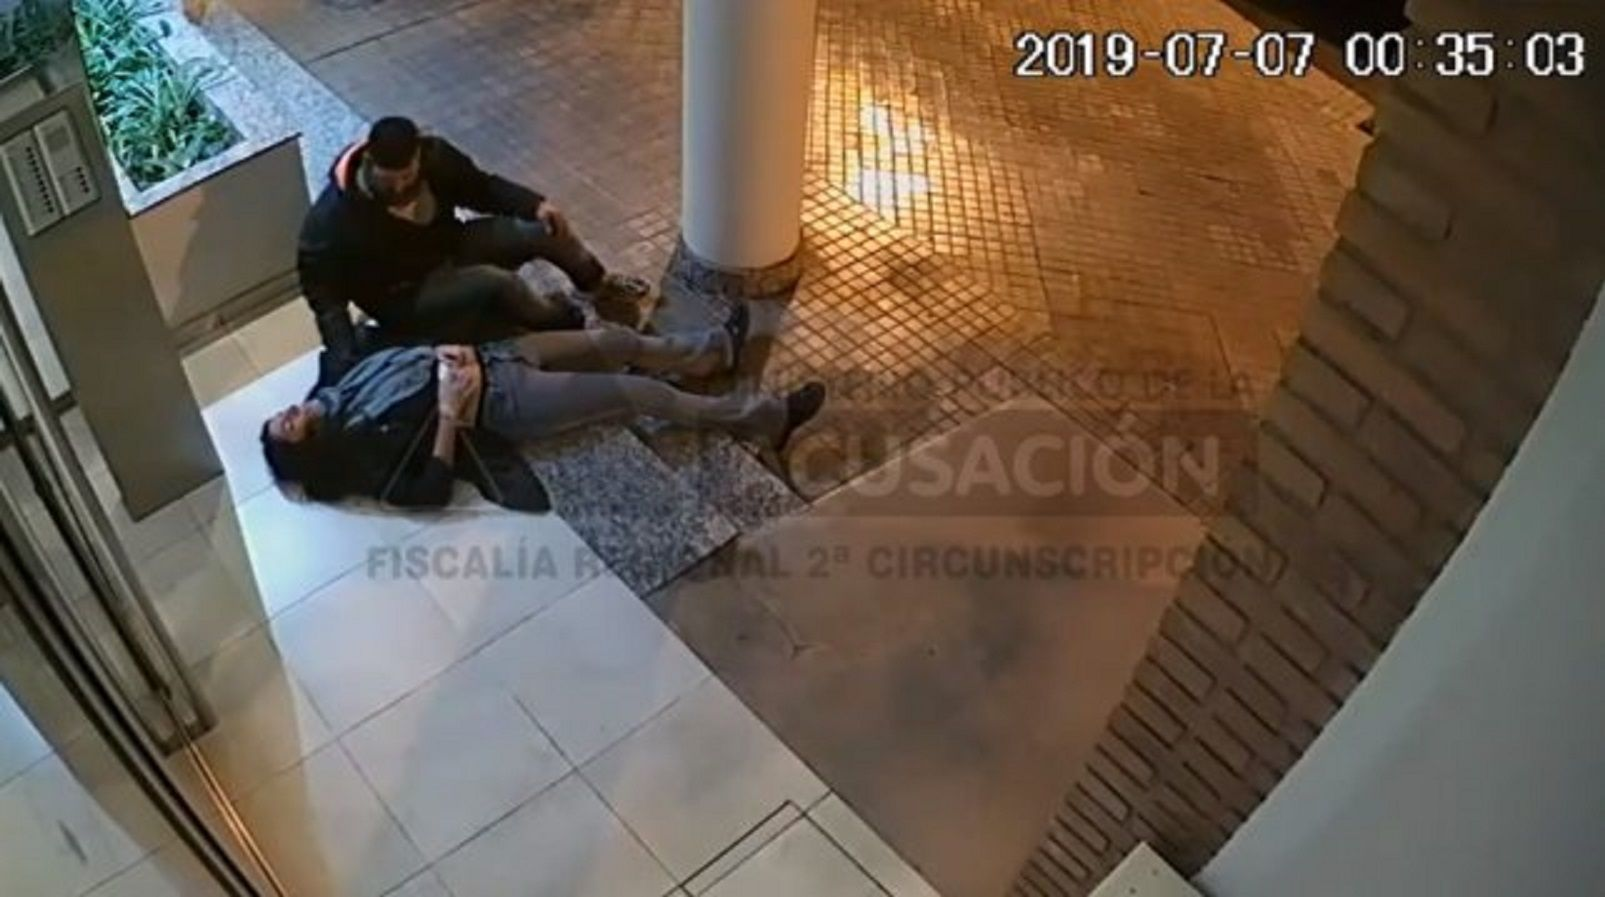 Detuvieron al autor del ataque sexual de la médica tras la difusión del video